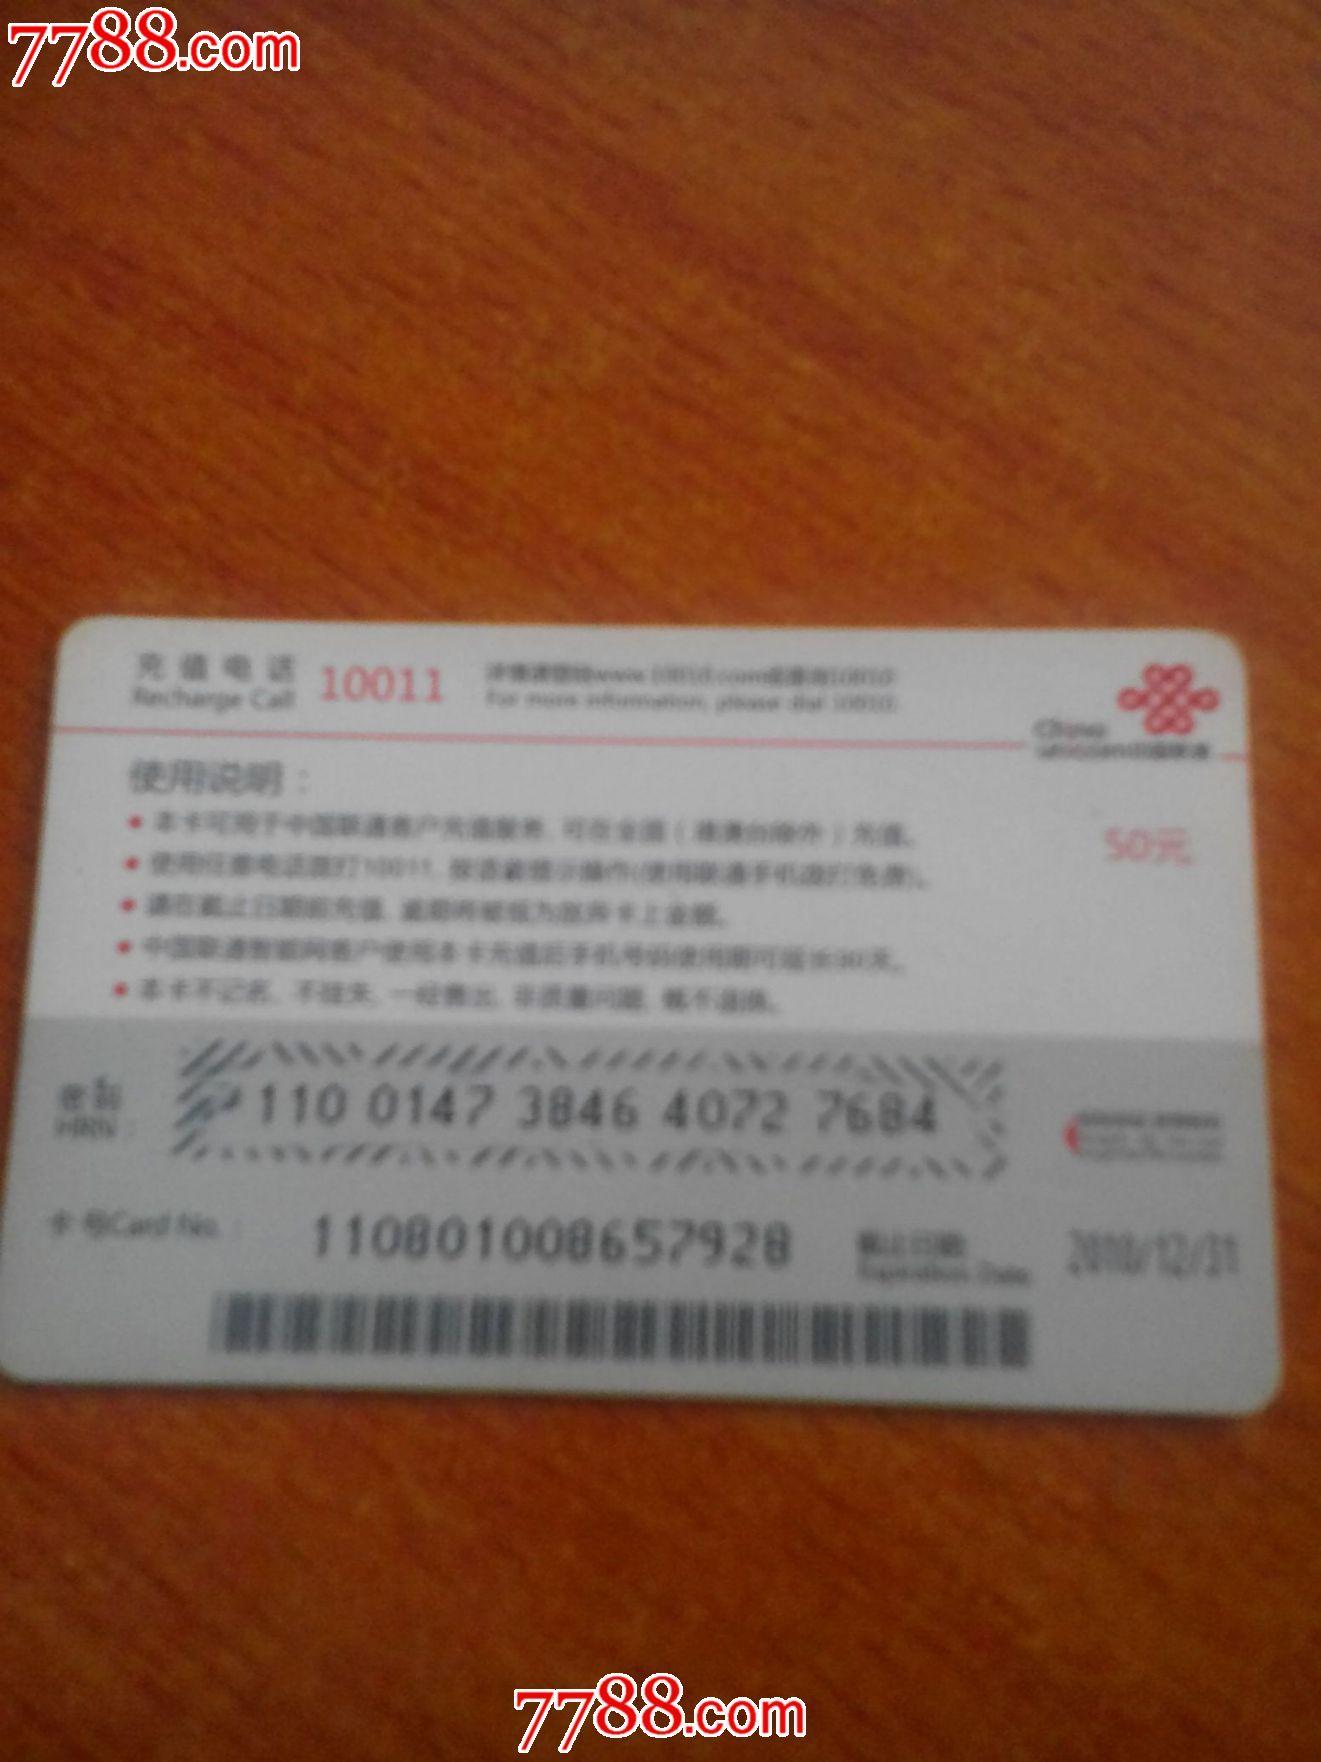 羊羊得意手机充值卡_中国联通50元手机充值卡